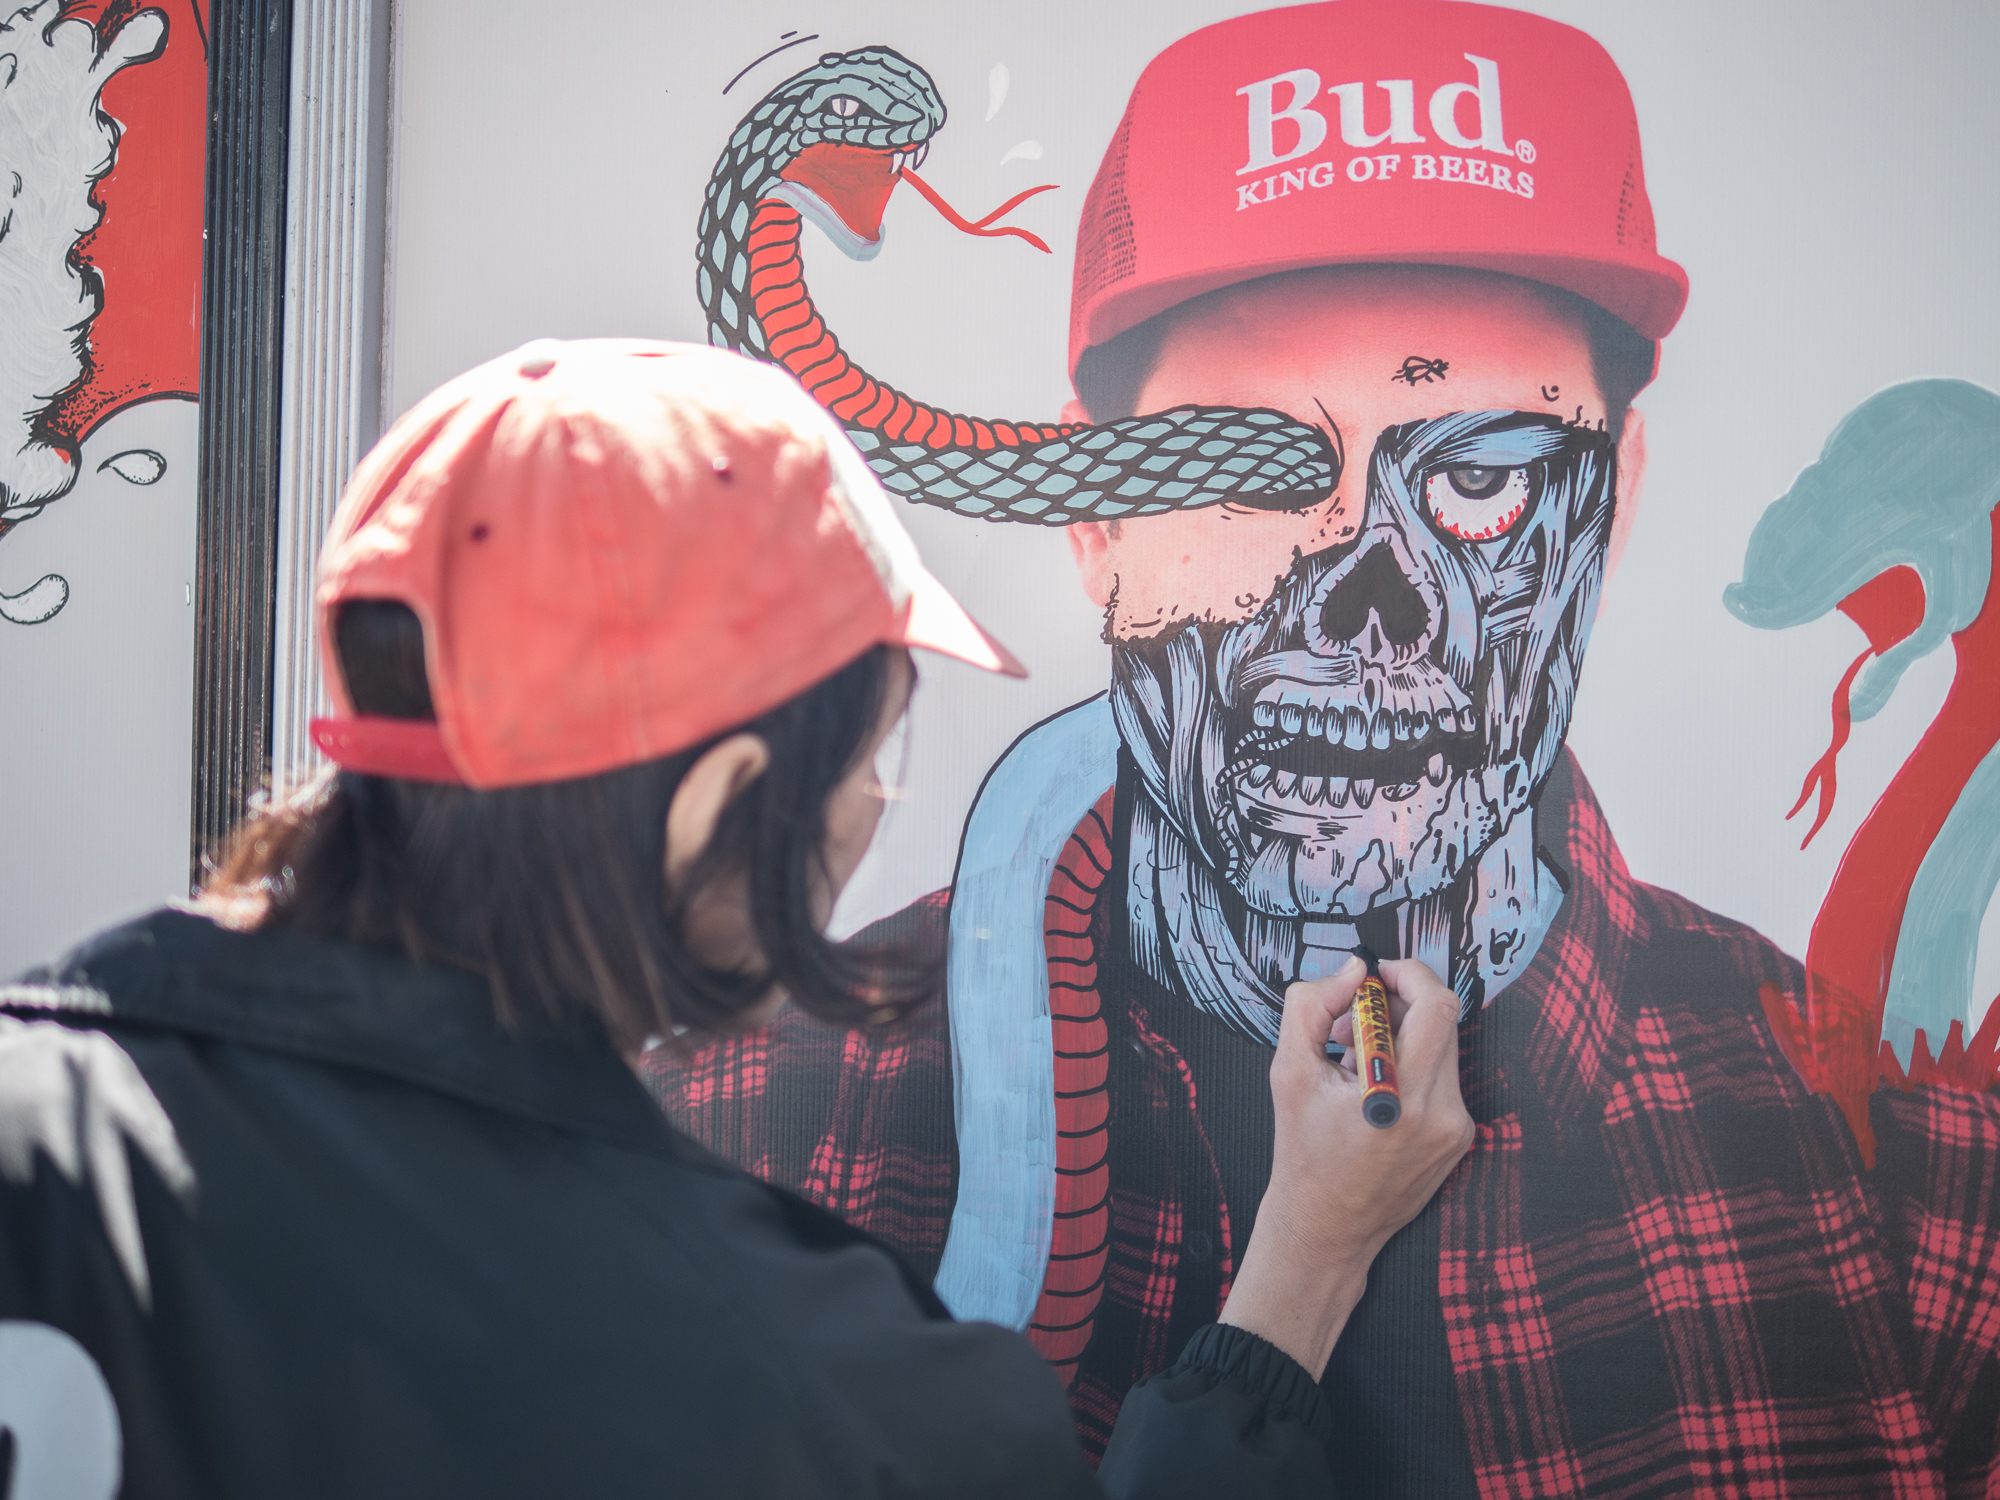 Client: Budweiser